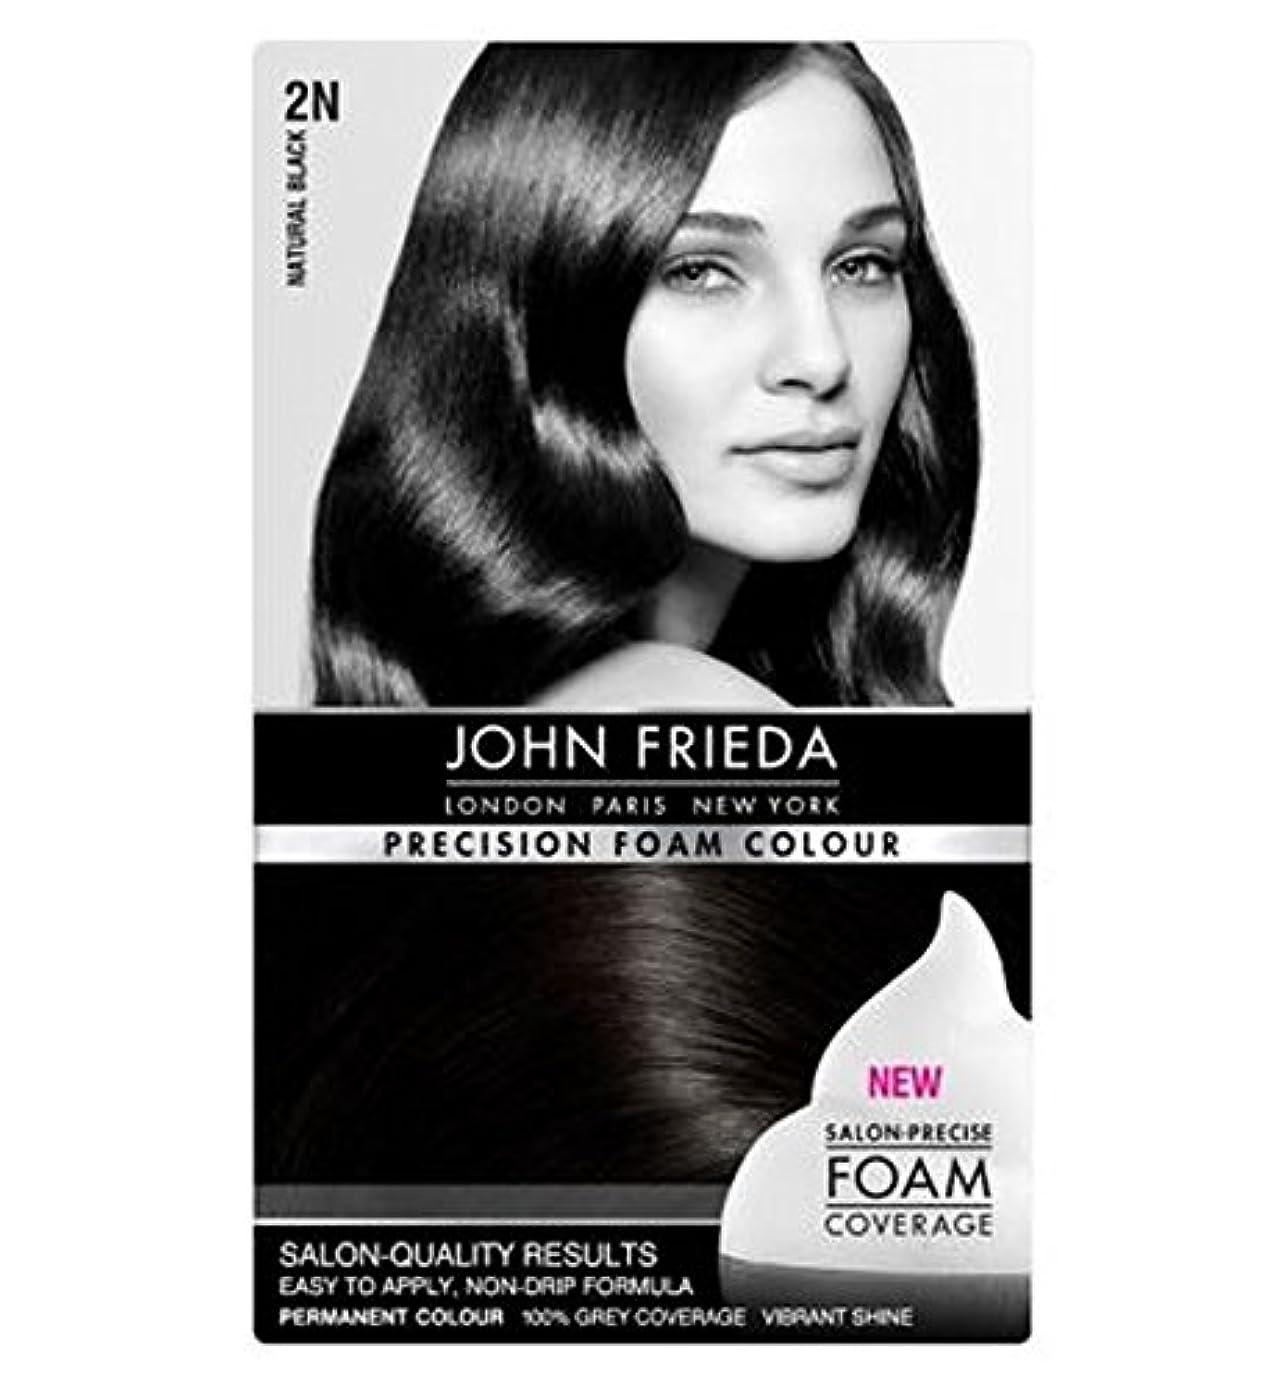 マサッチョ変成器発症ジョン?フリーダ精密泡の色の発光自然な黒2N個 (John Frieda) (x2) - John Frieda Precision Foam Colour Luminous Natural Black 2N (Pack of 2) [並行輸入品]